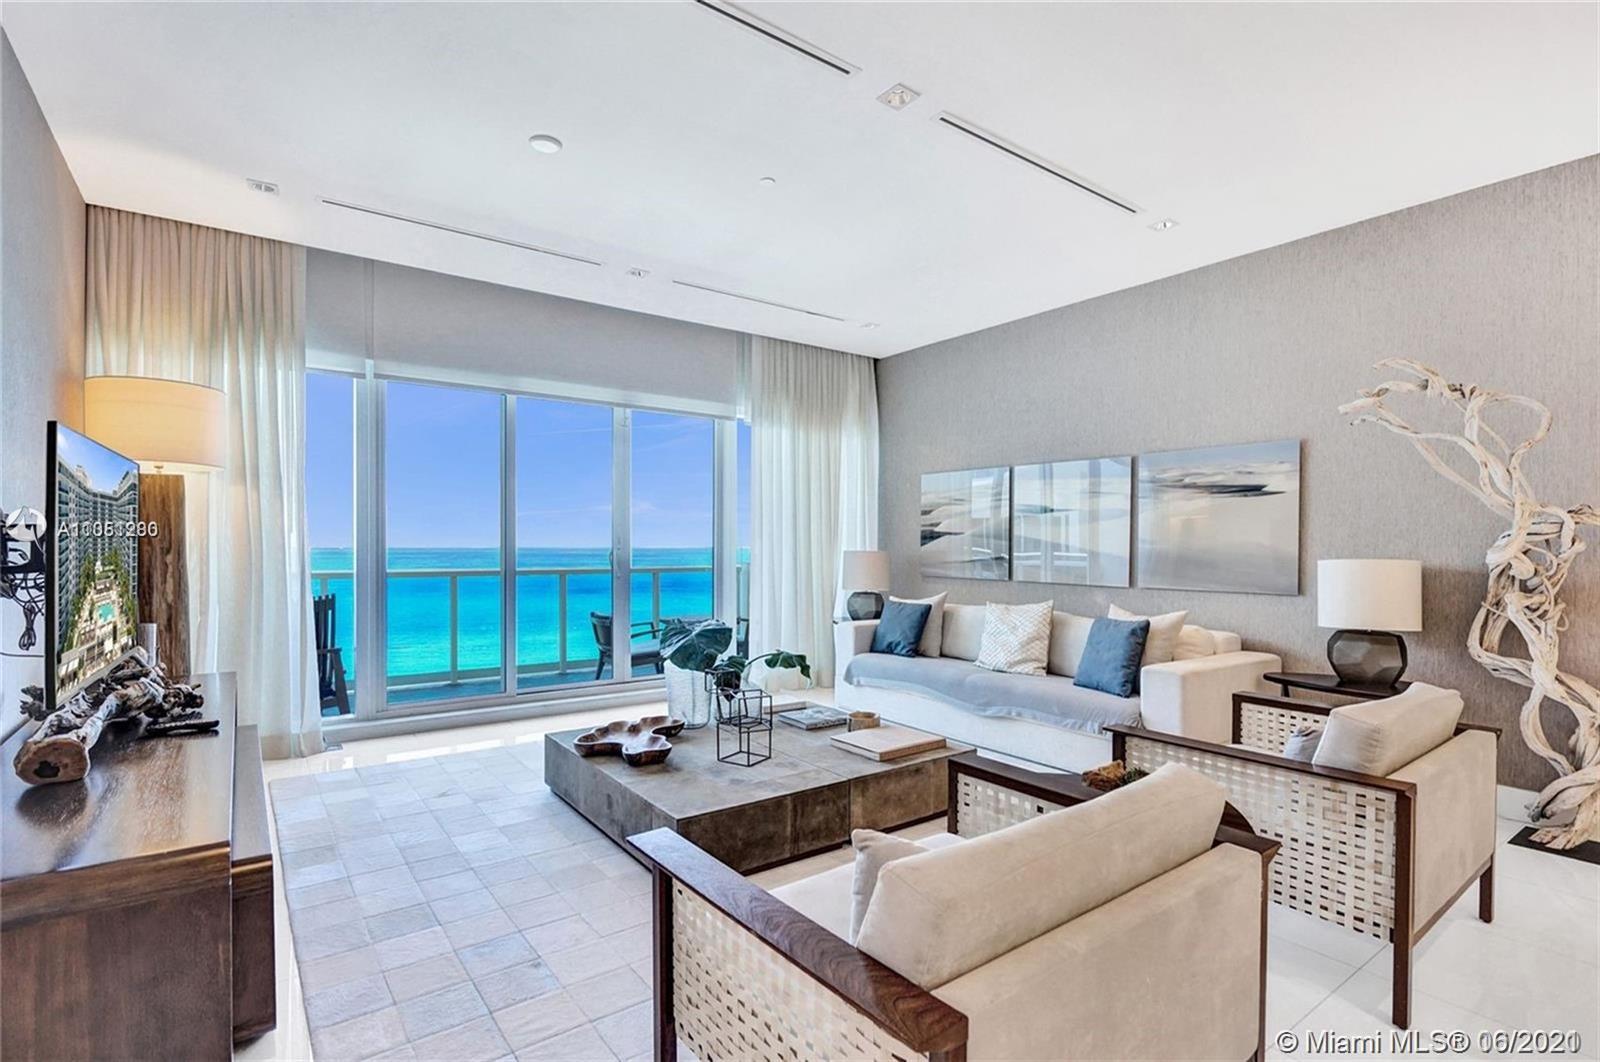 1 Hotel & Homes #PH-1618 - 102 24th St #PH-1618, Miami Beach, FL 33139